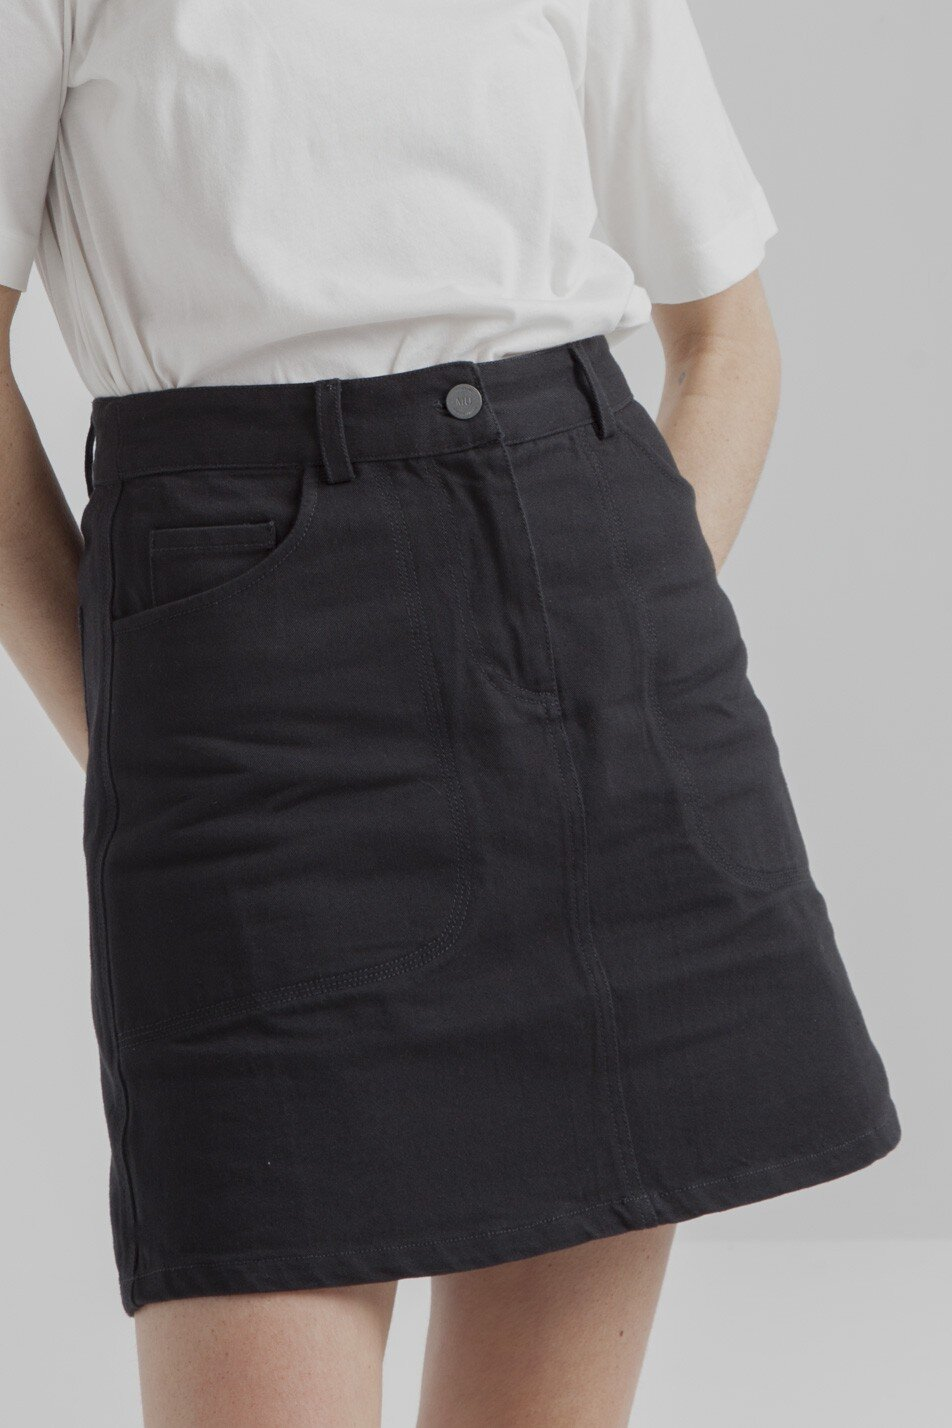 phantom-marsha-short-skirt.jpg